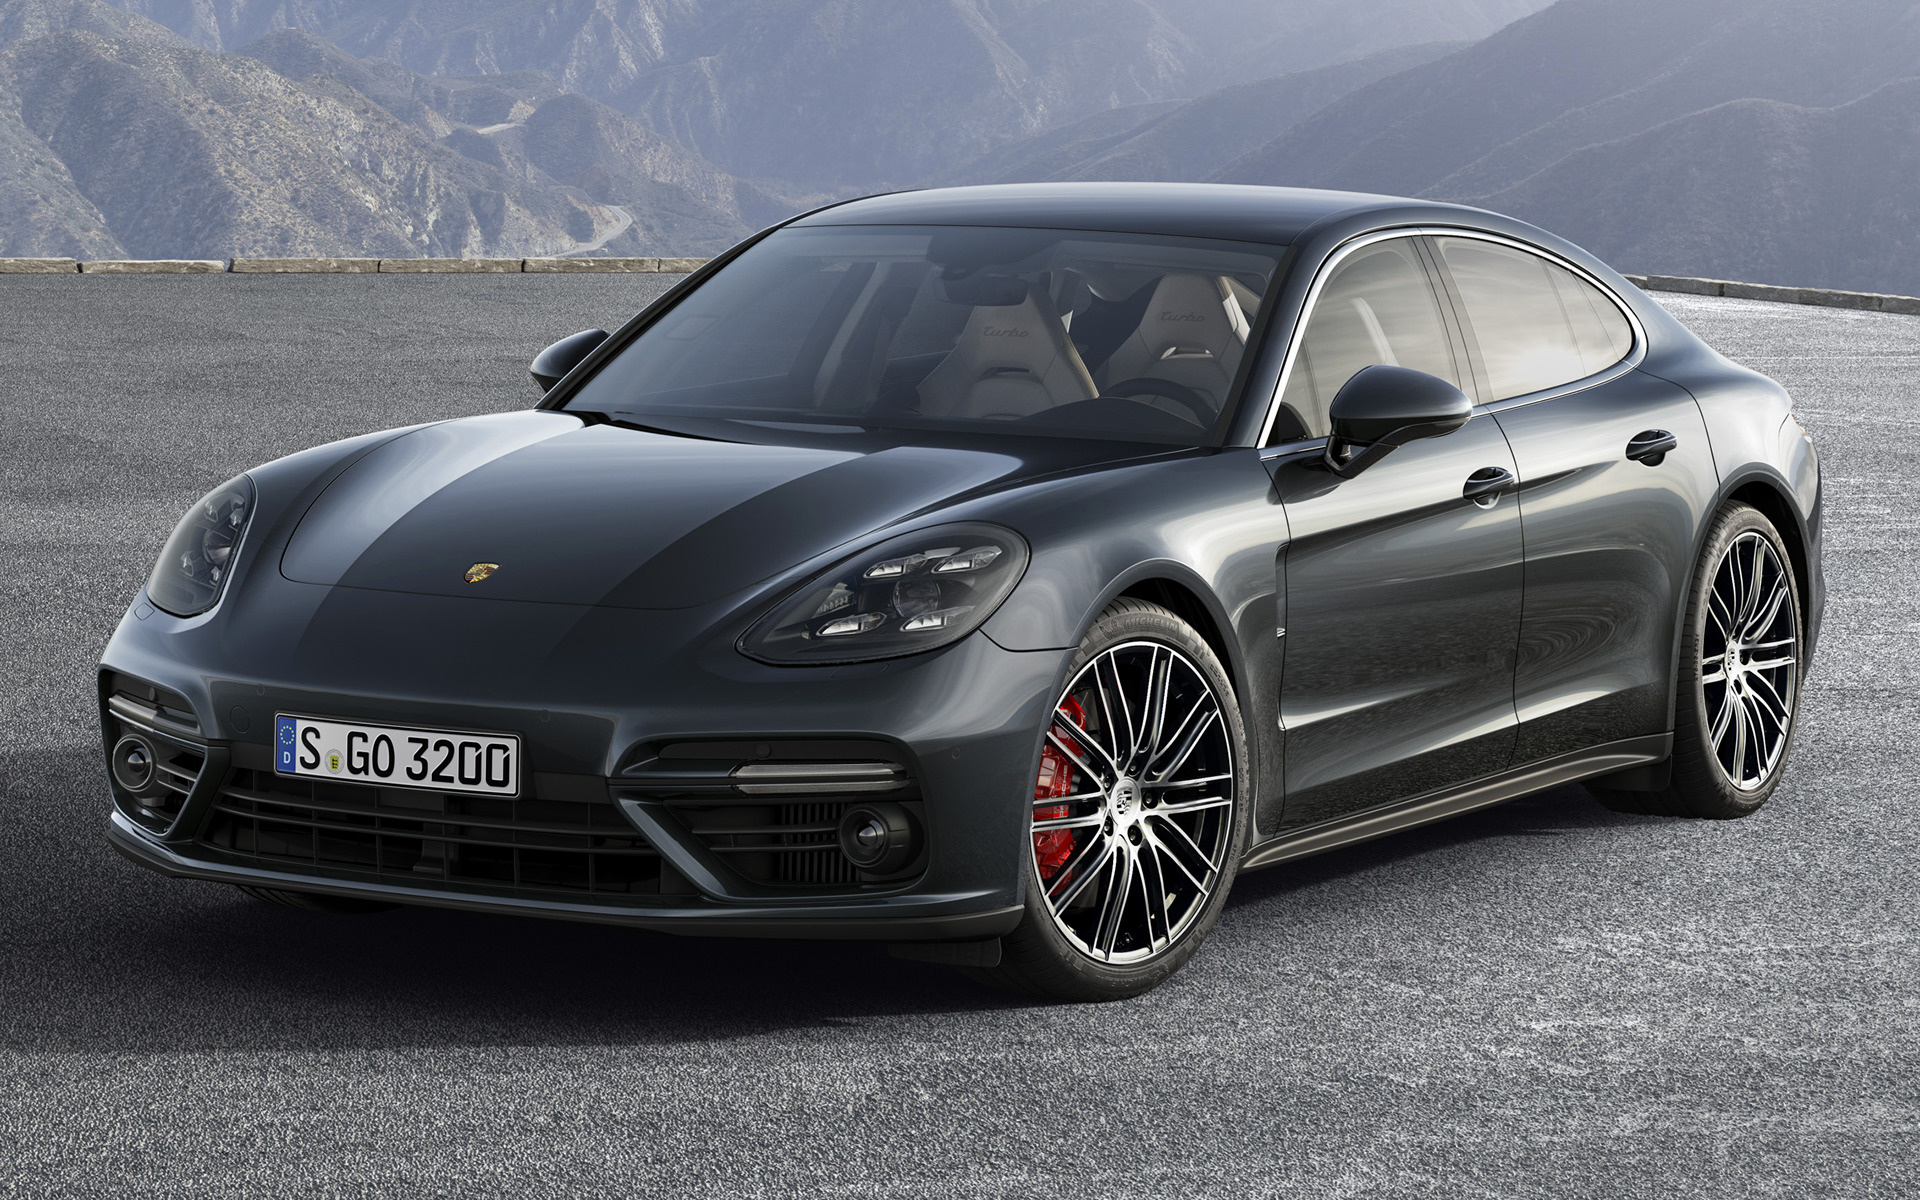 2016 Porsche Panamera Turbo Fondos De Pantalla E Imágenes